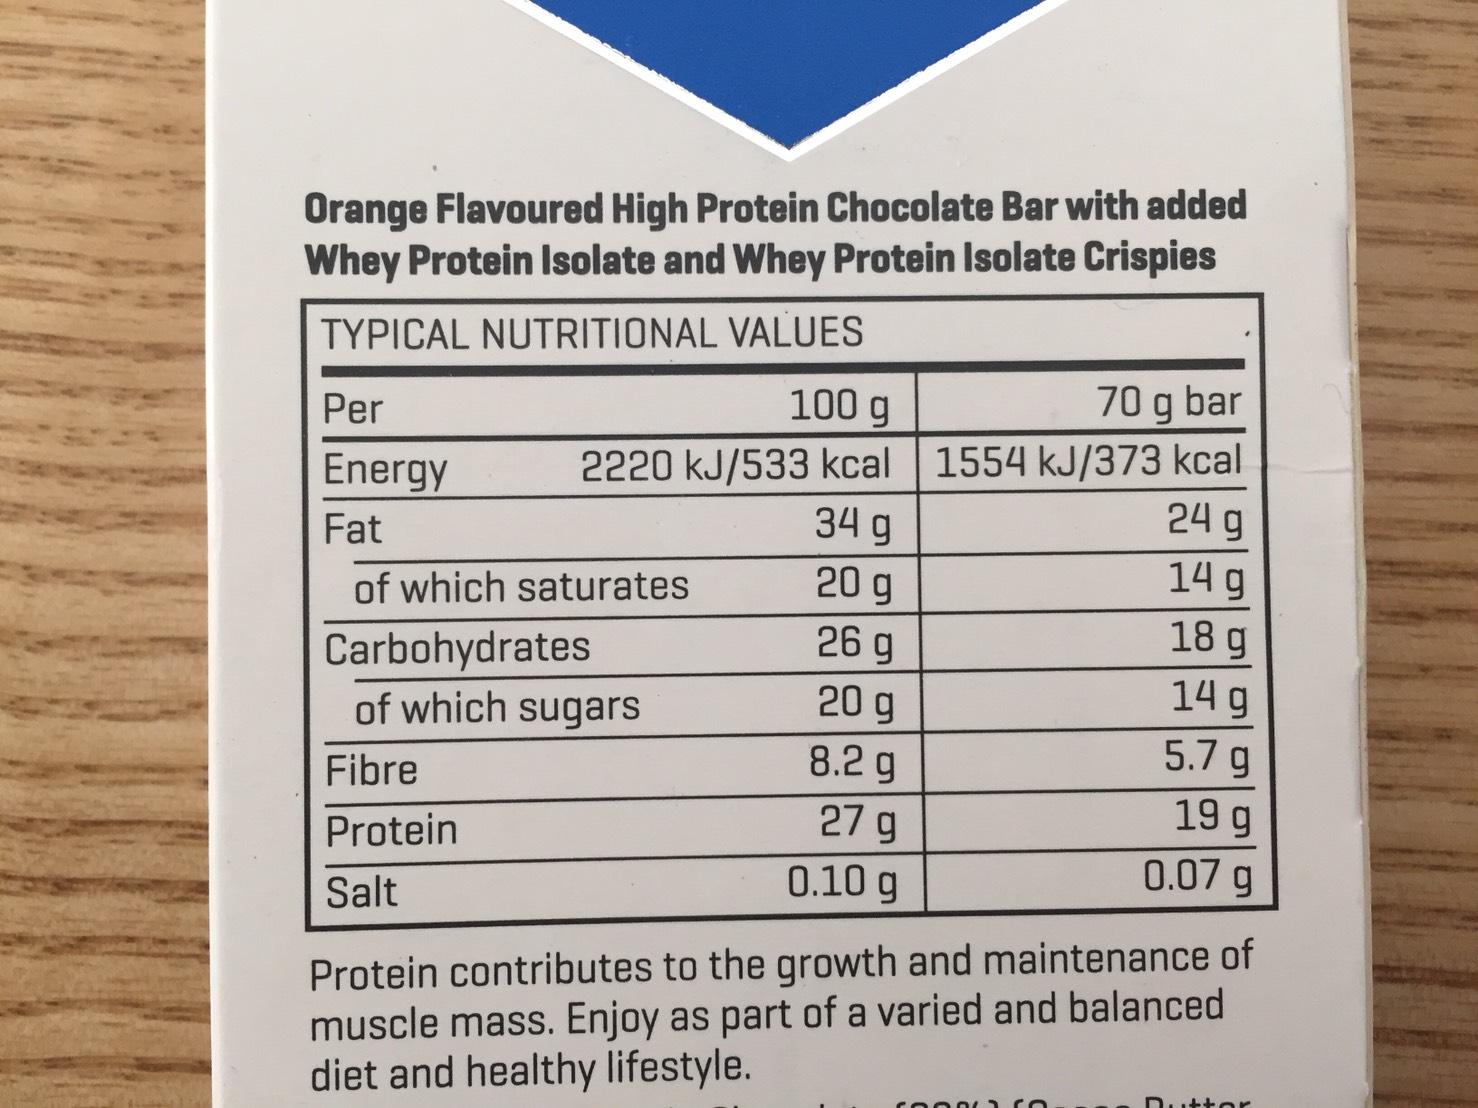 ハイプロテインチョコレート「チョコレートオレンジ味」の成分表